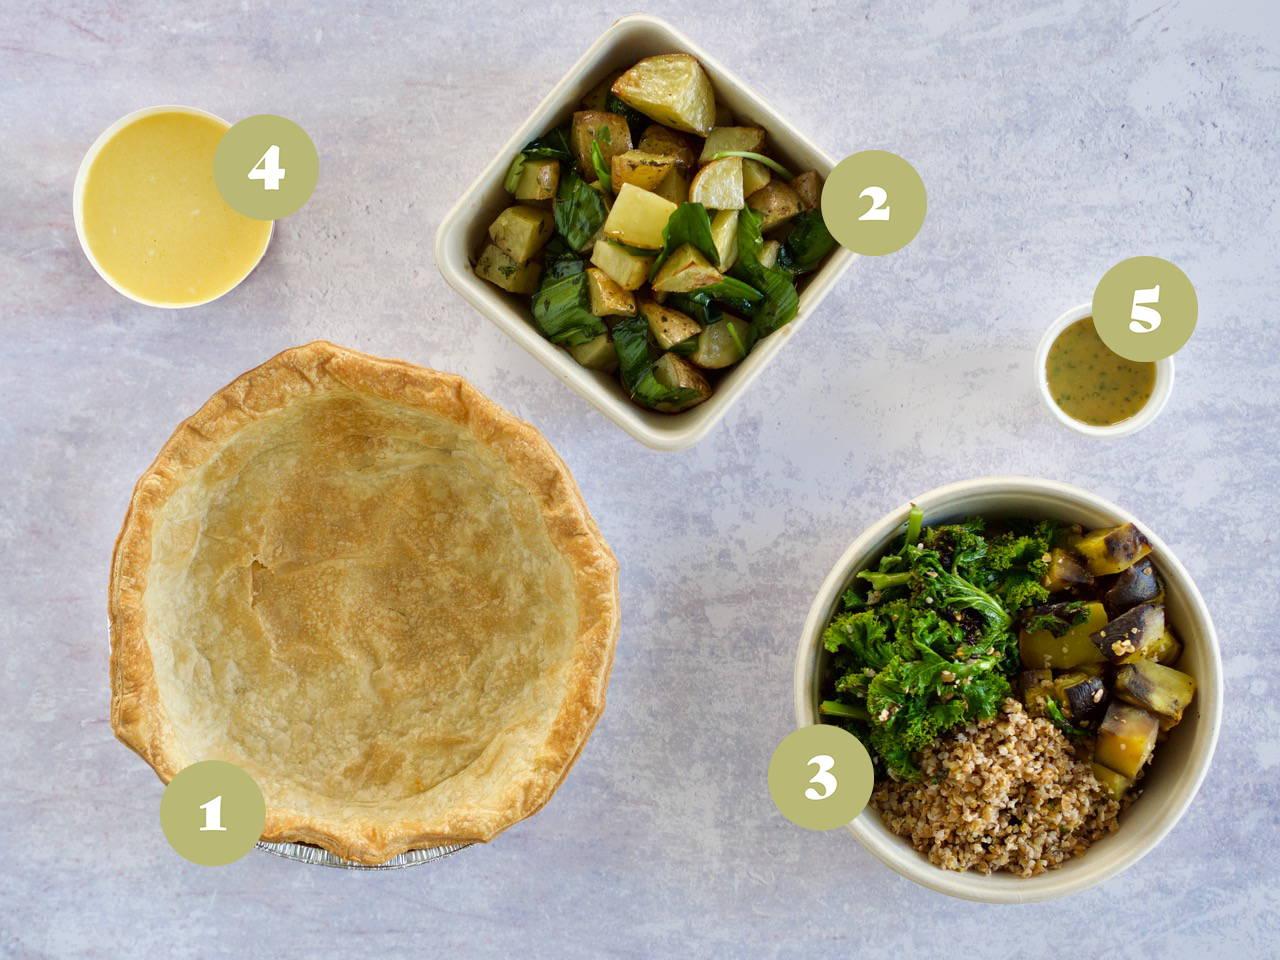 Opskrifter og vejledning til Tærte med stegte grøntsager og salat af dagens grønt med syrlig vinaigrette